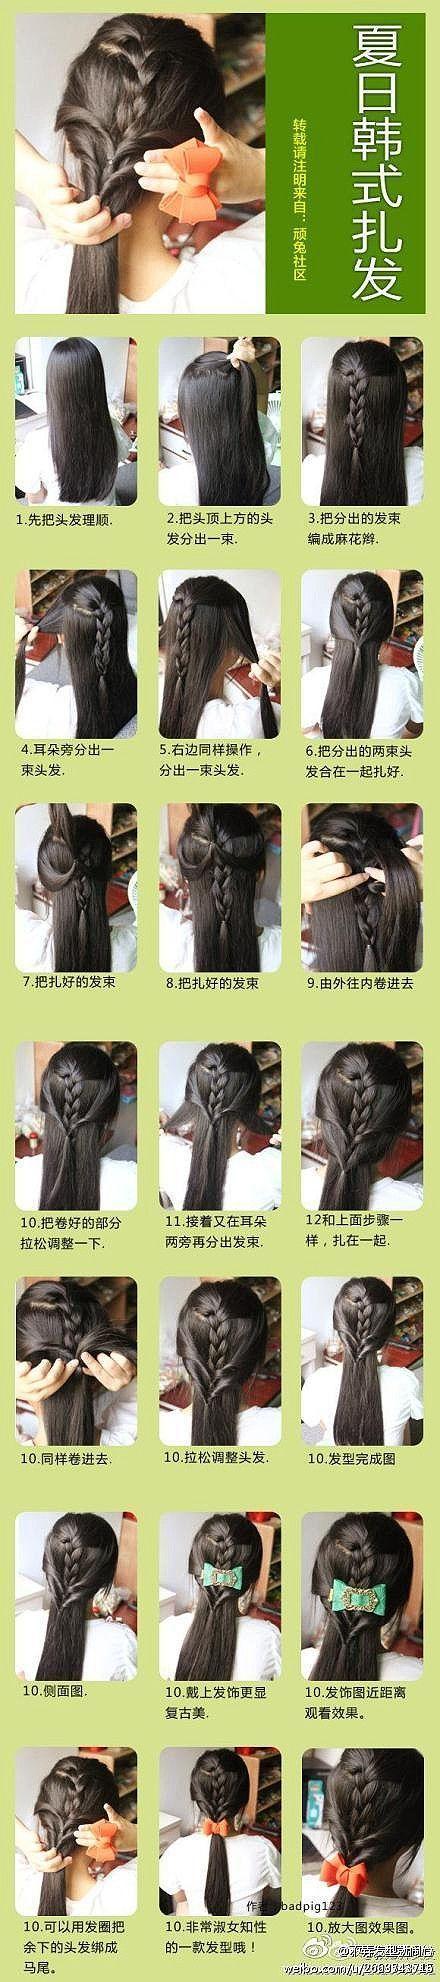 发型 比较清新的发型~~学生MM们学起来哦~